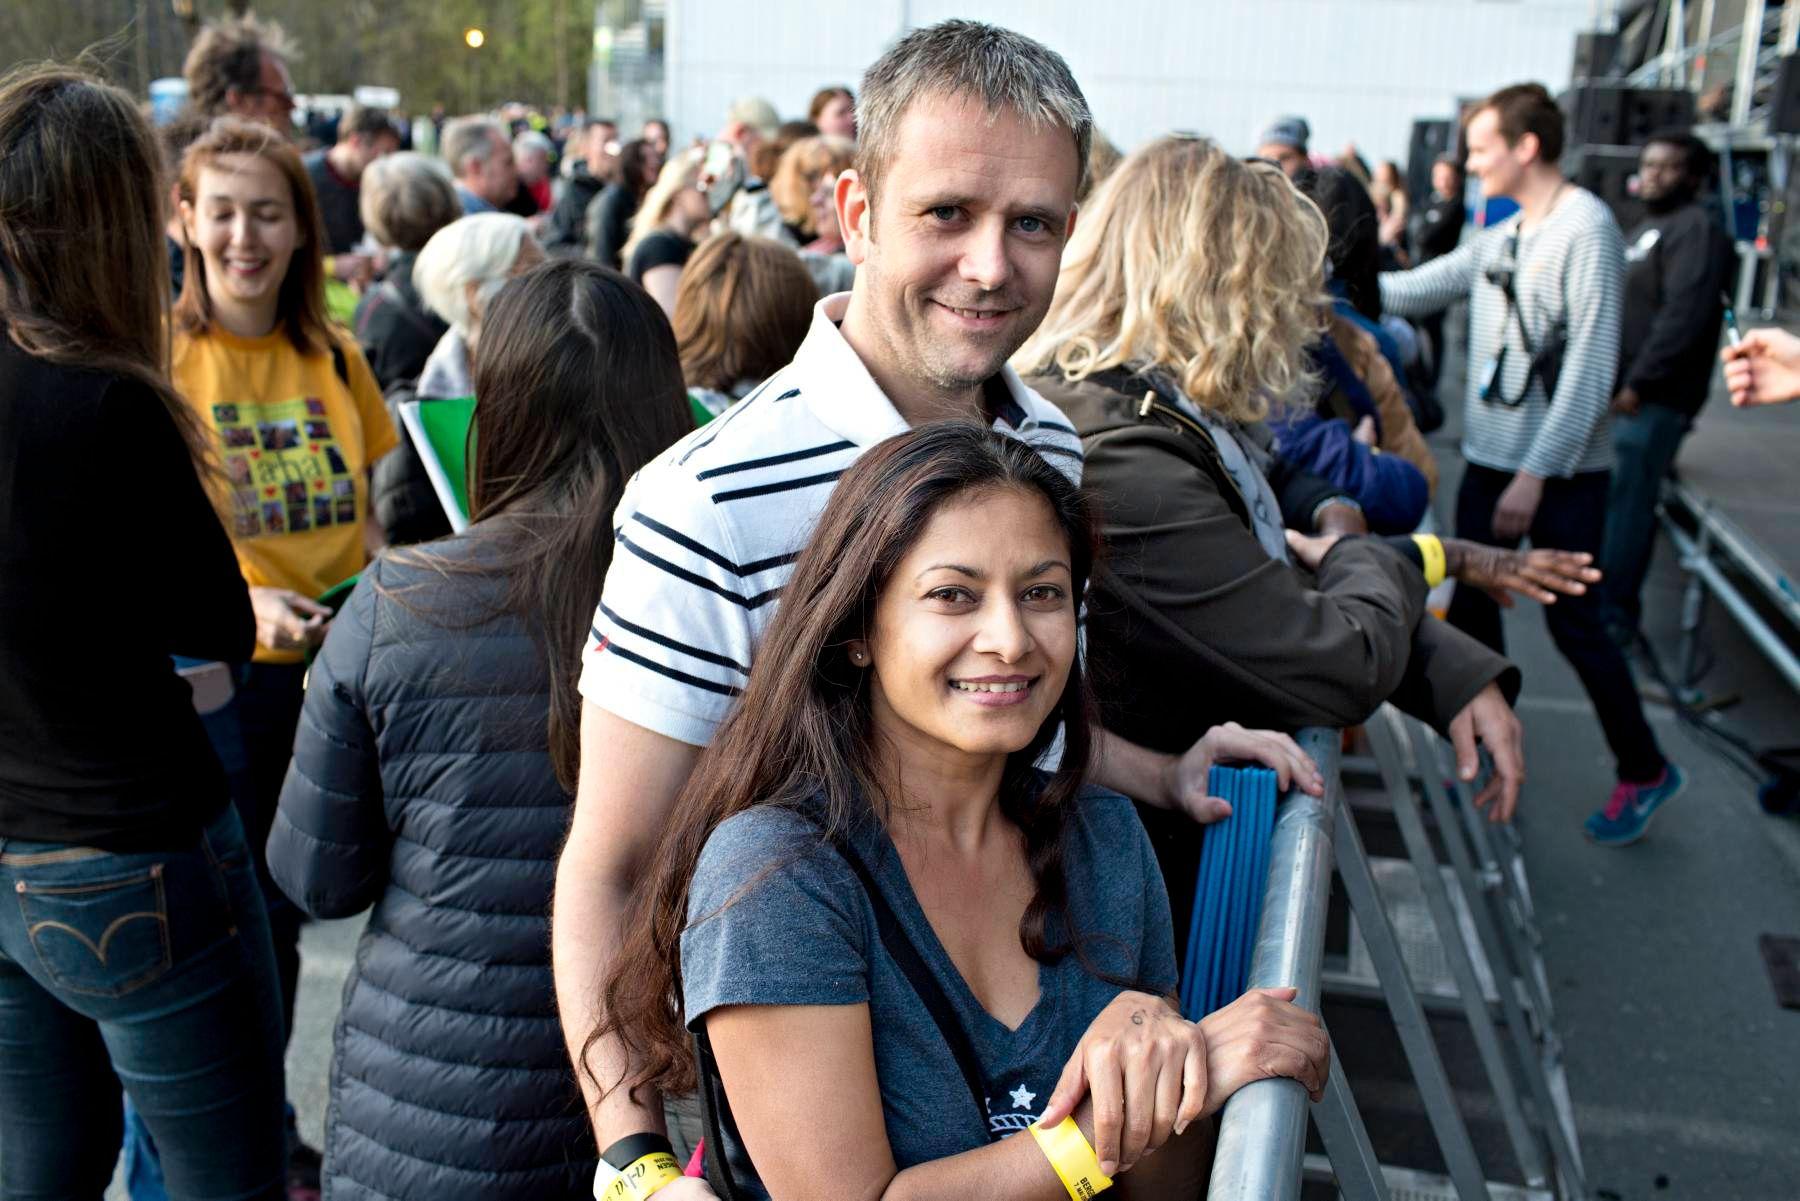 PÅ KONSERT: Asma Ebrahim fra Sør-Afrika endte opp i Norge mye på grunn av A-ha, forteller hun. Her møtte hun også kjæresten Cato Johansen.